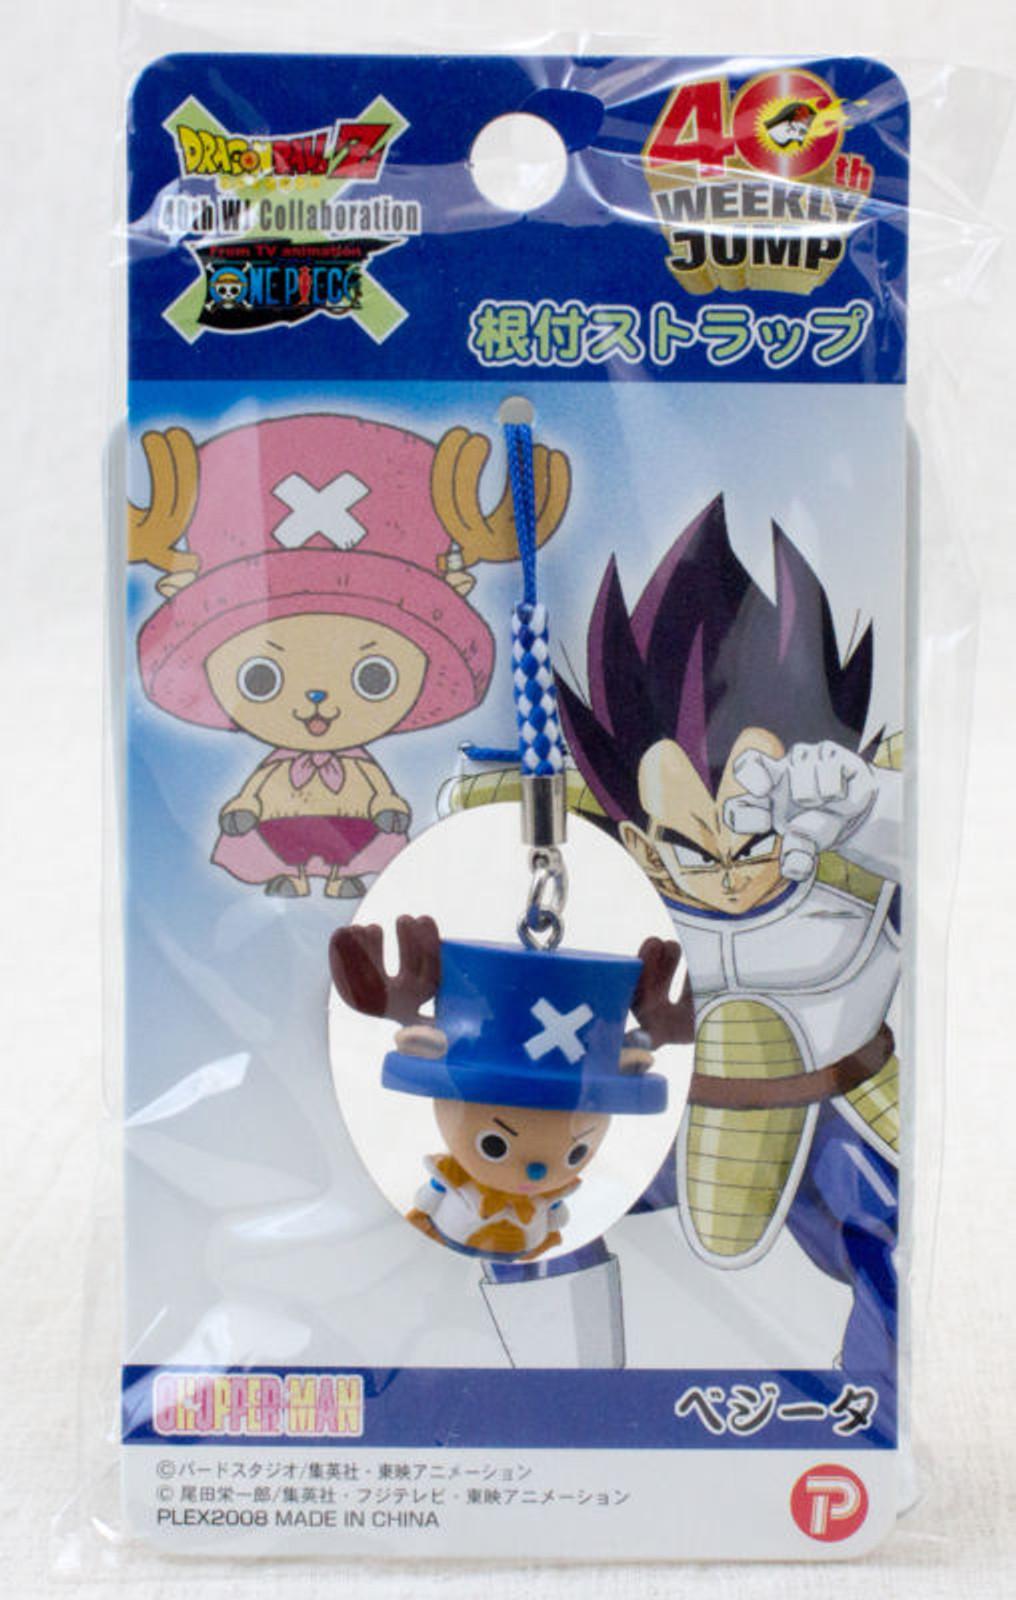 Dragon Ball Z x ONE PIECE Chopper Man x Vegeta Figure Strap JAPAN ANIME